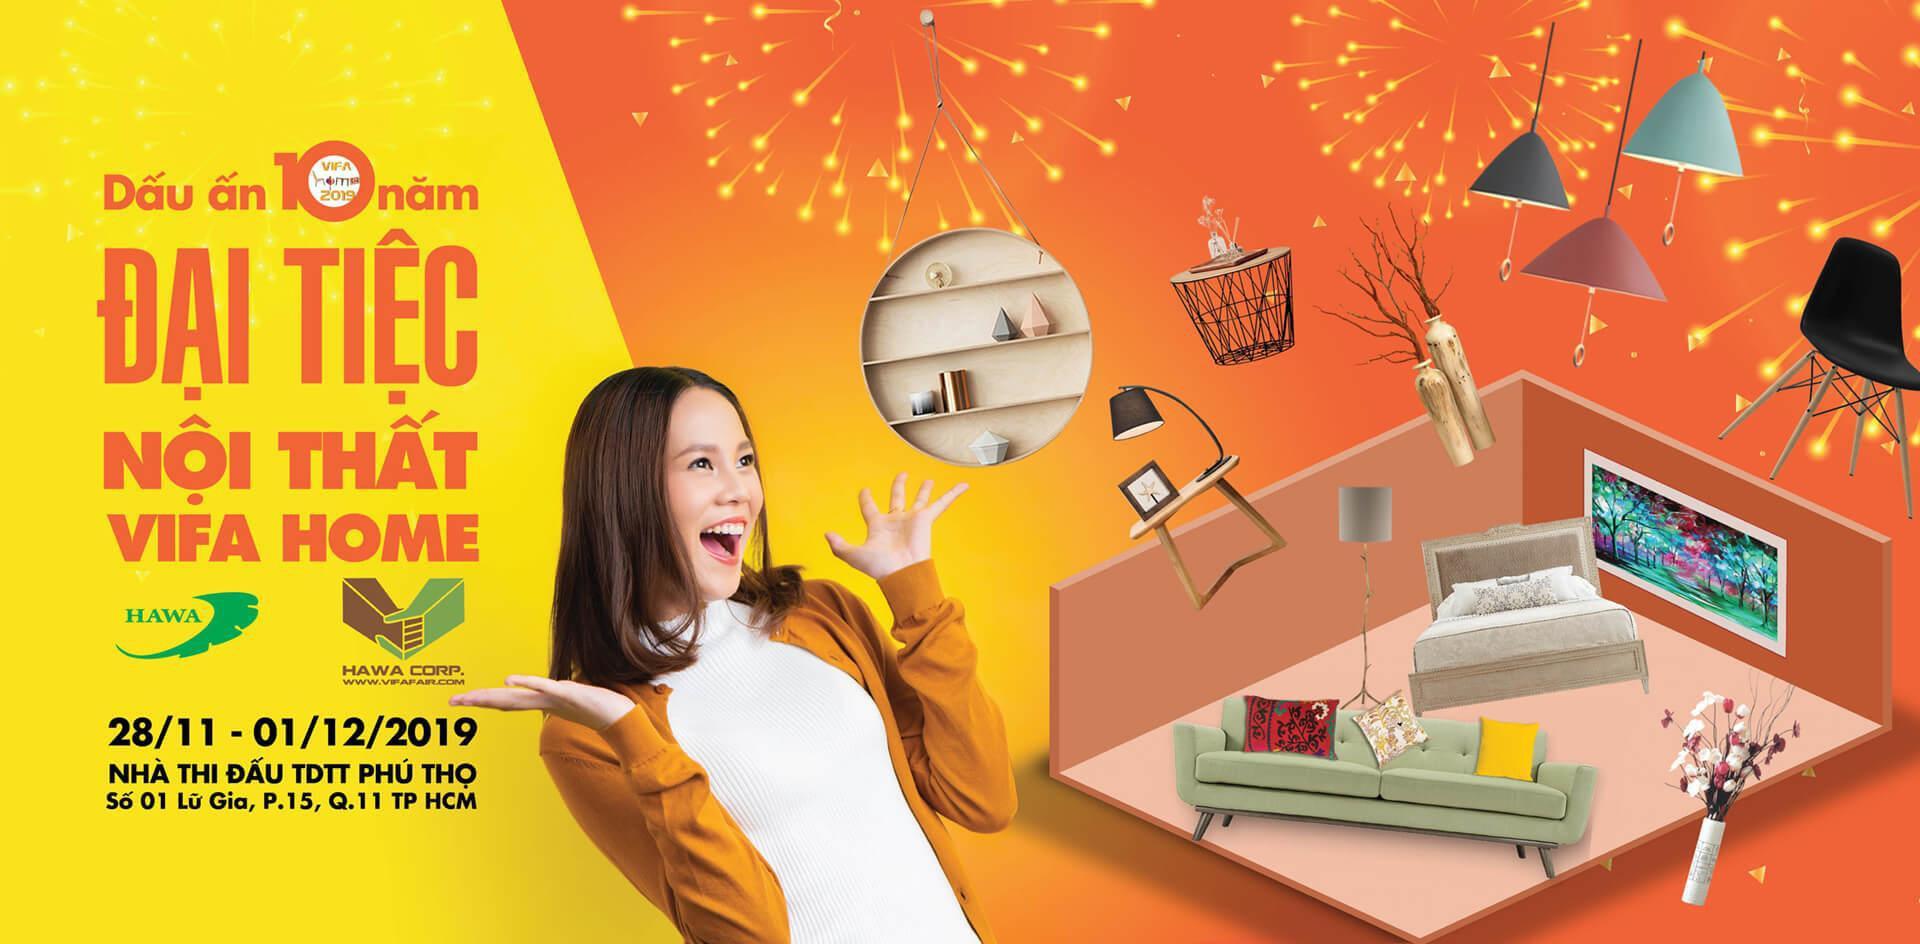 """VIFA Home: Đại tiệc nội thất """"thịnh soạn"""" cho người tiêu dùng thông minh - Ảnh 1."""